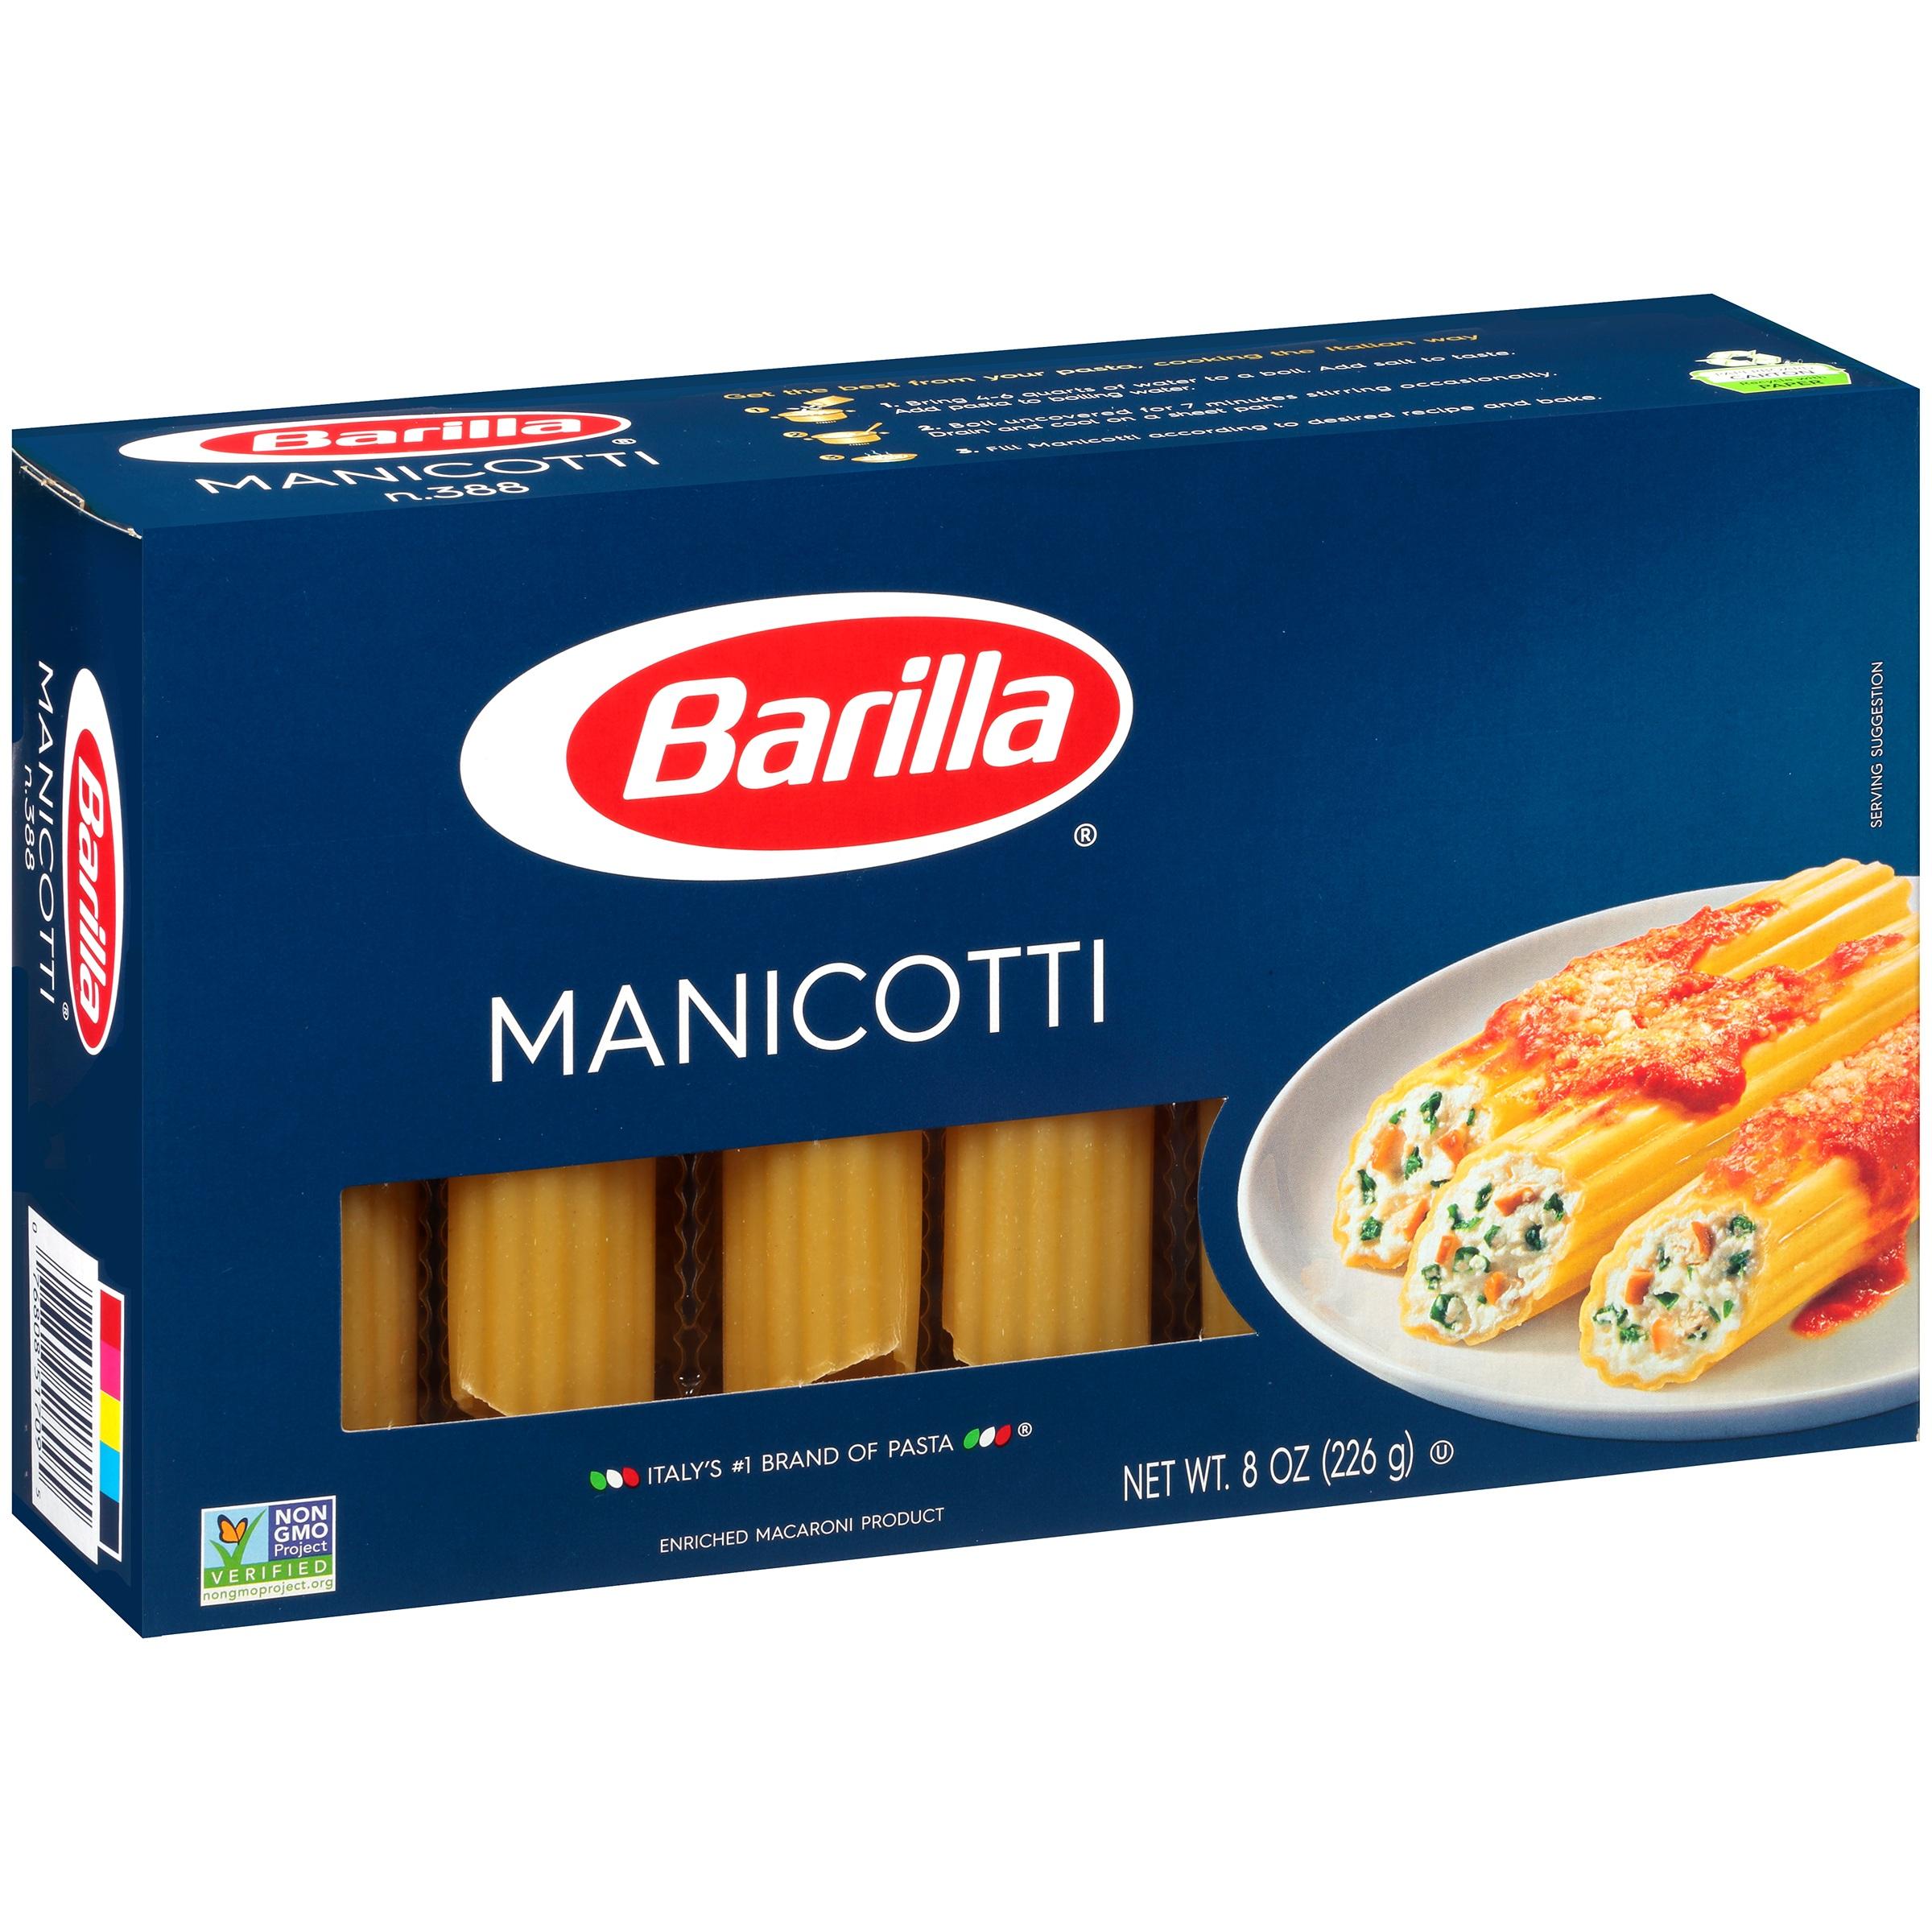 Barilla Manicotti Pasta, 8 oz by Barilla America, Inc.